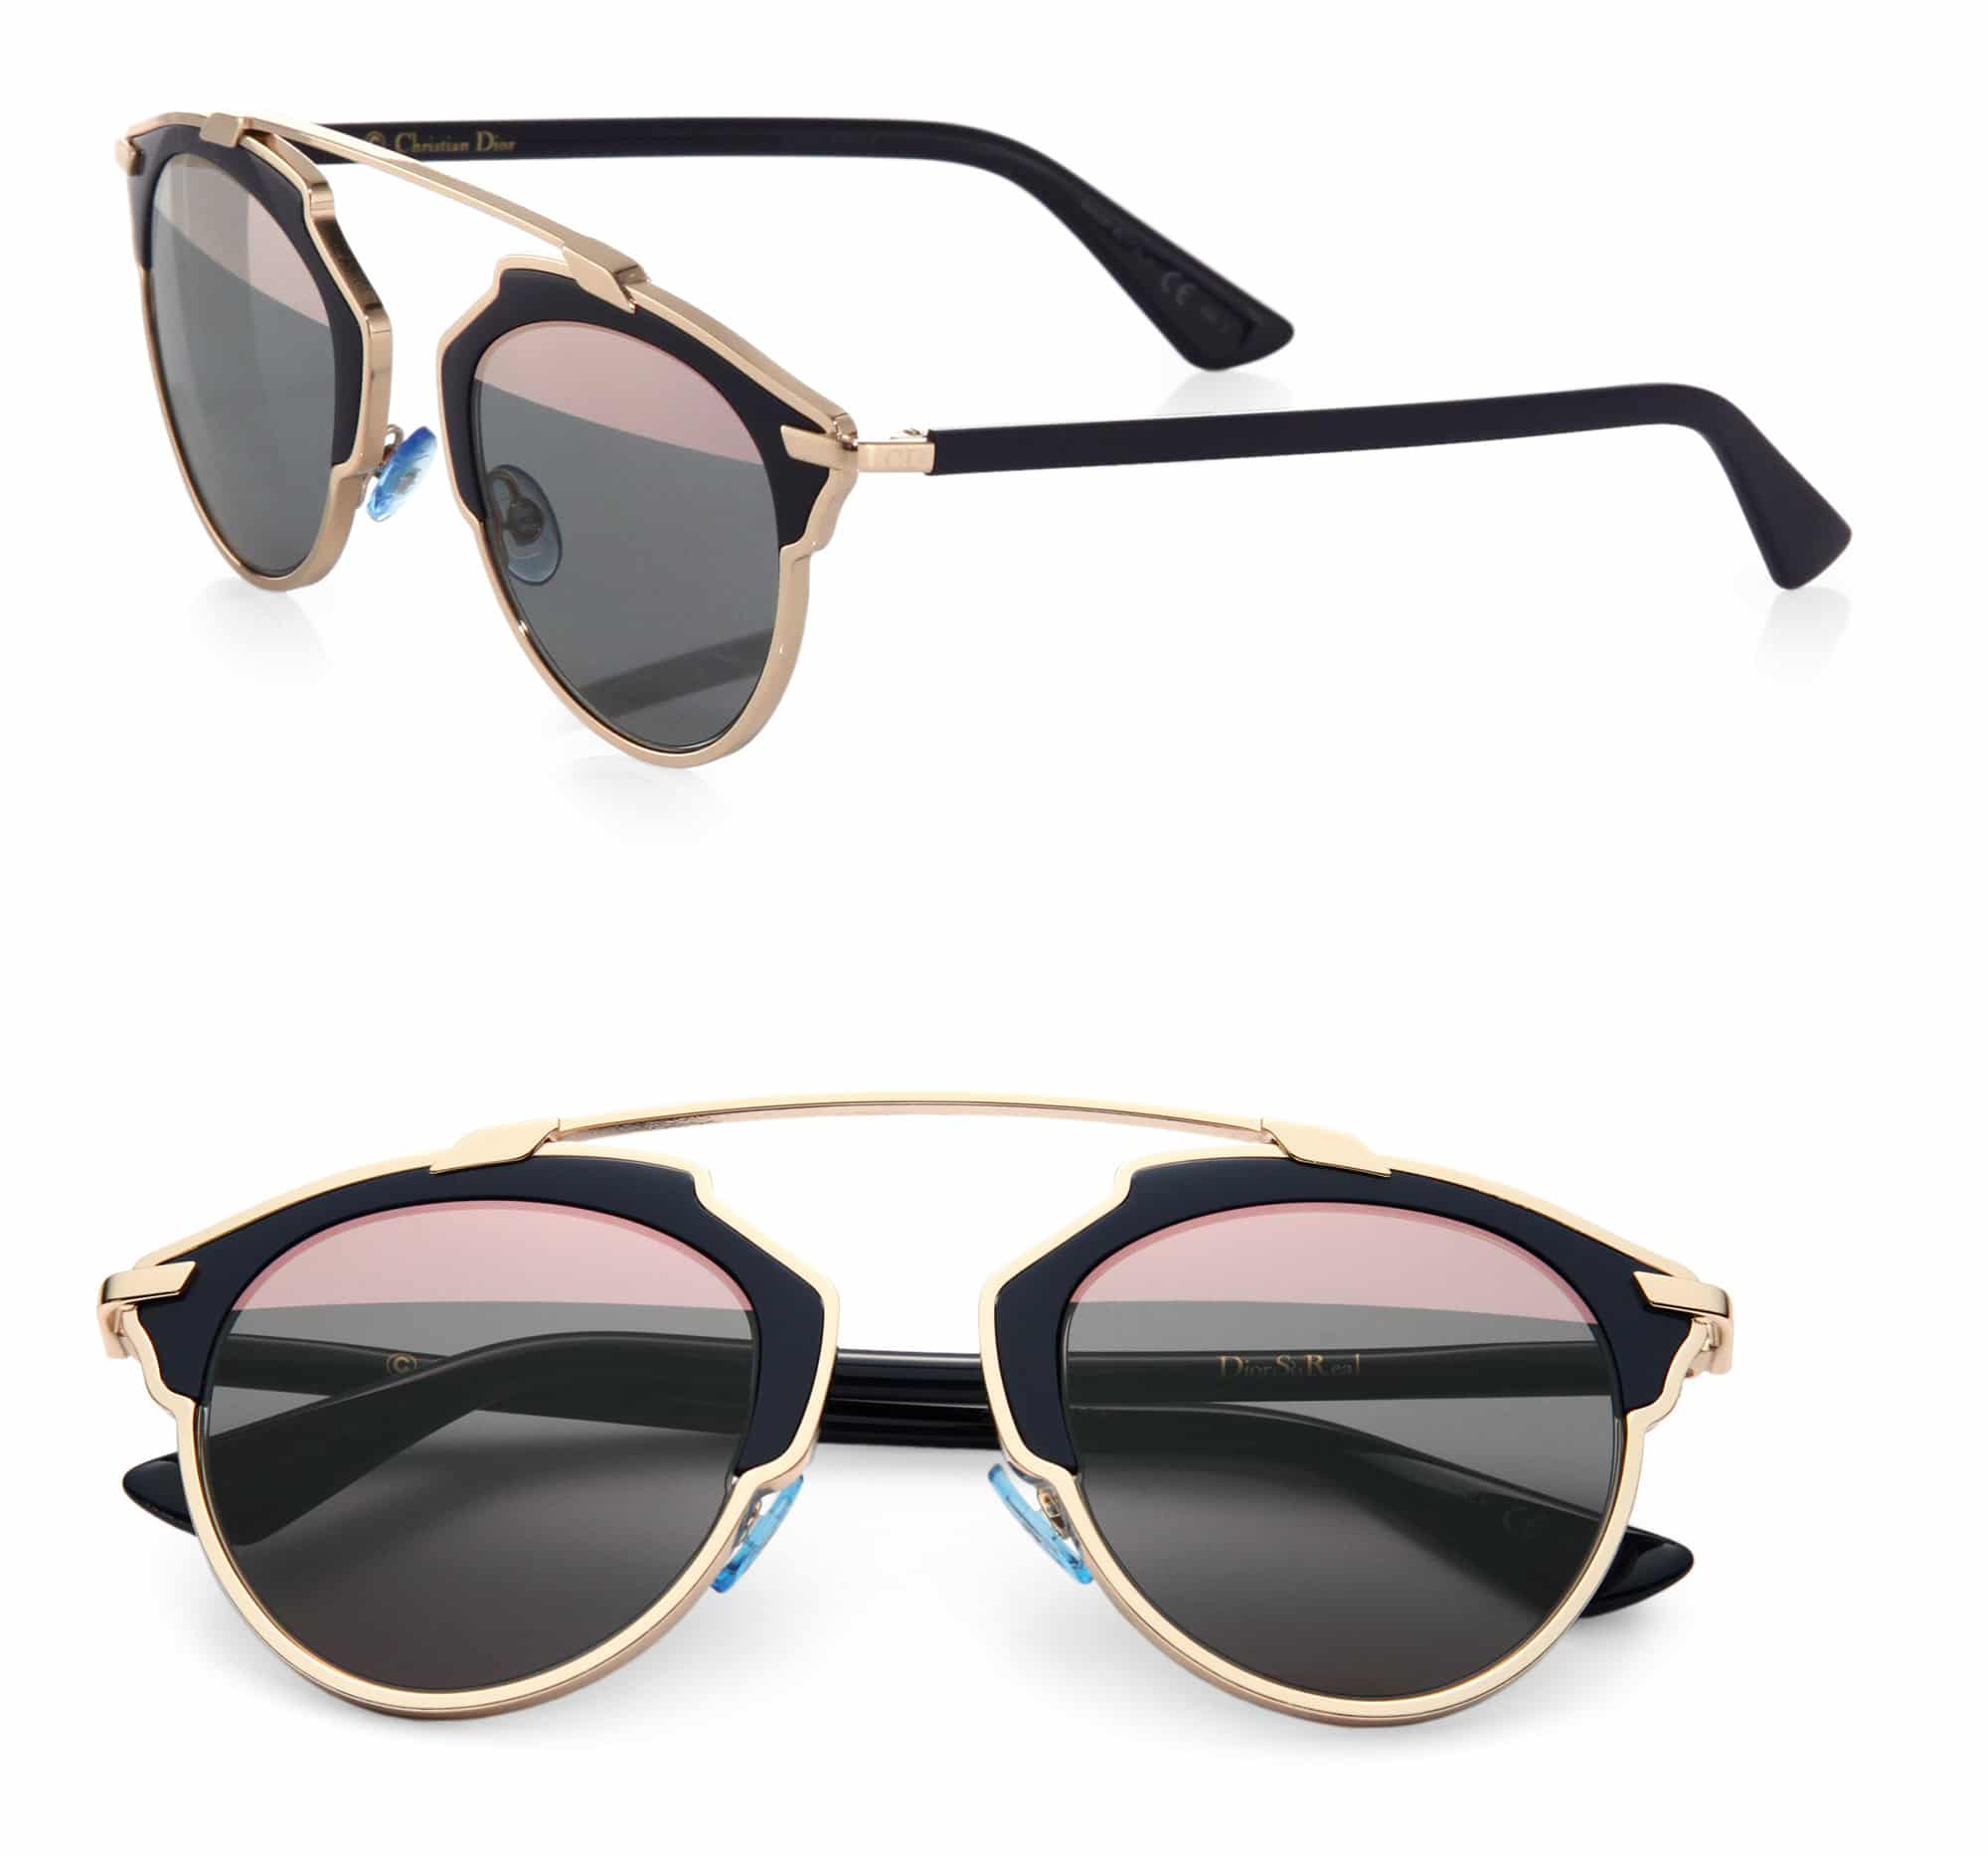 Designer Sunglasses For Spring/Summer 2016